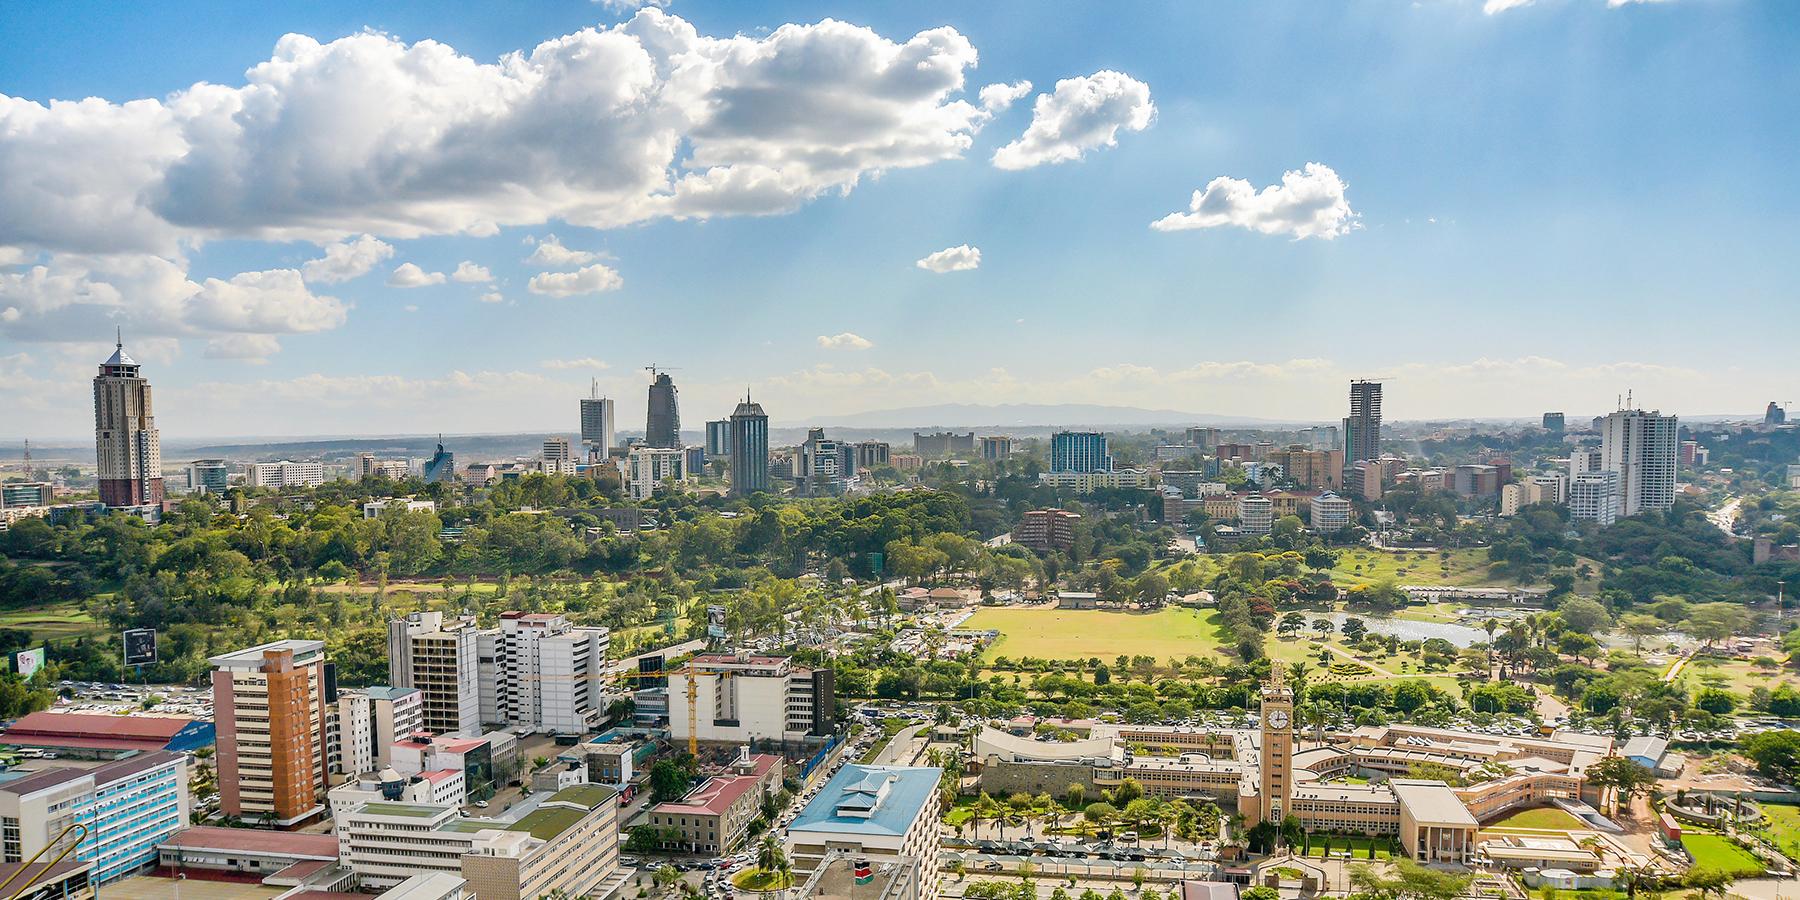 För en smartare stad: visionärt stadsutvecklingsprojekt utanför Nairobi